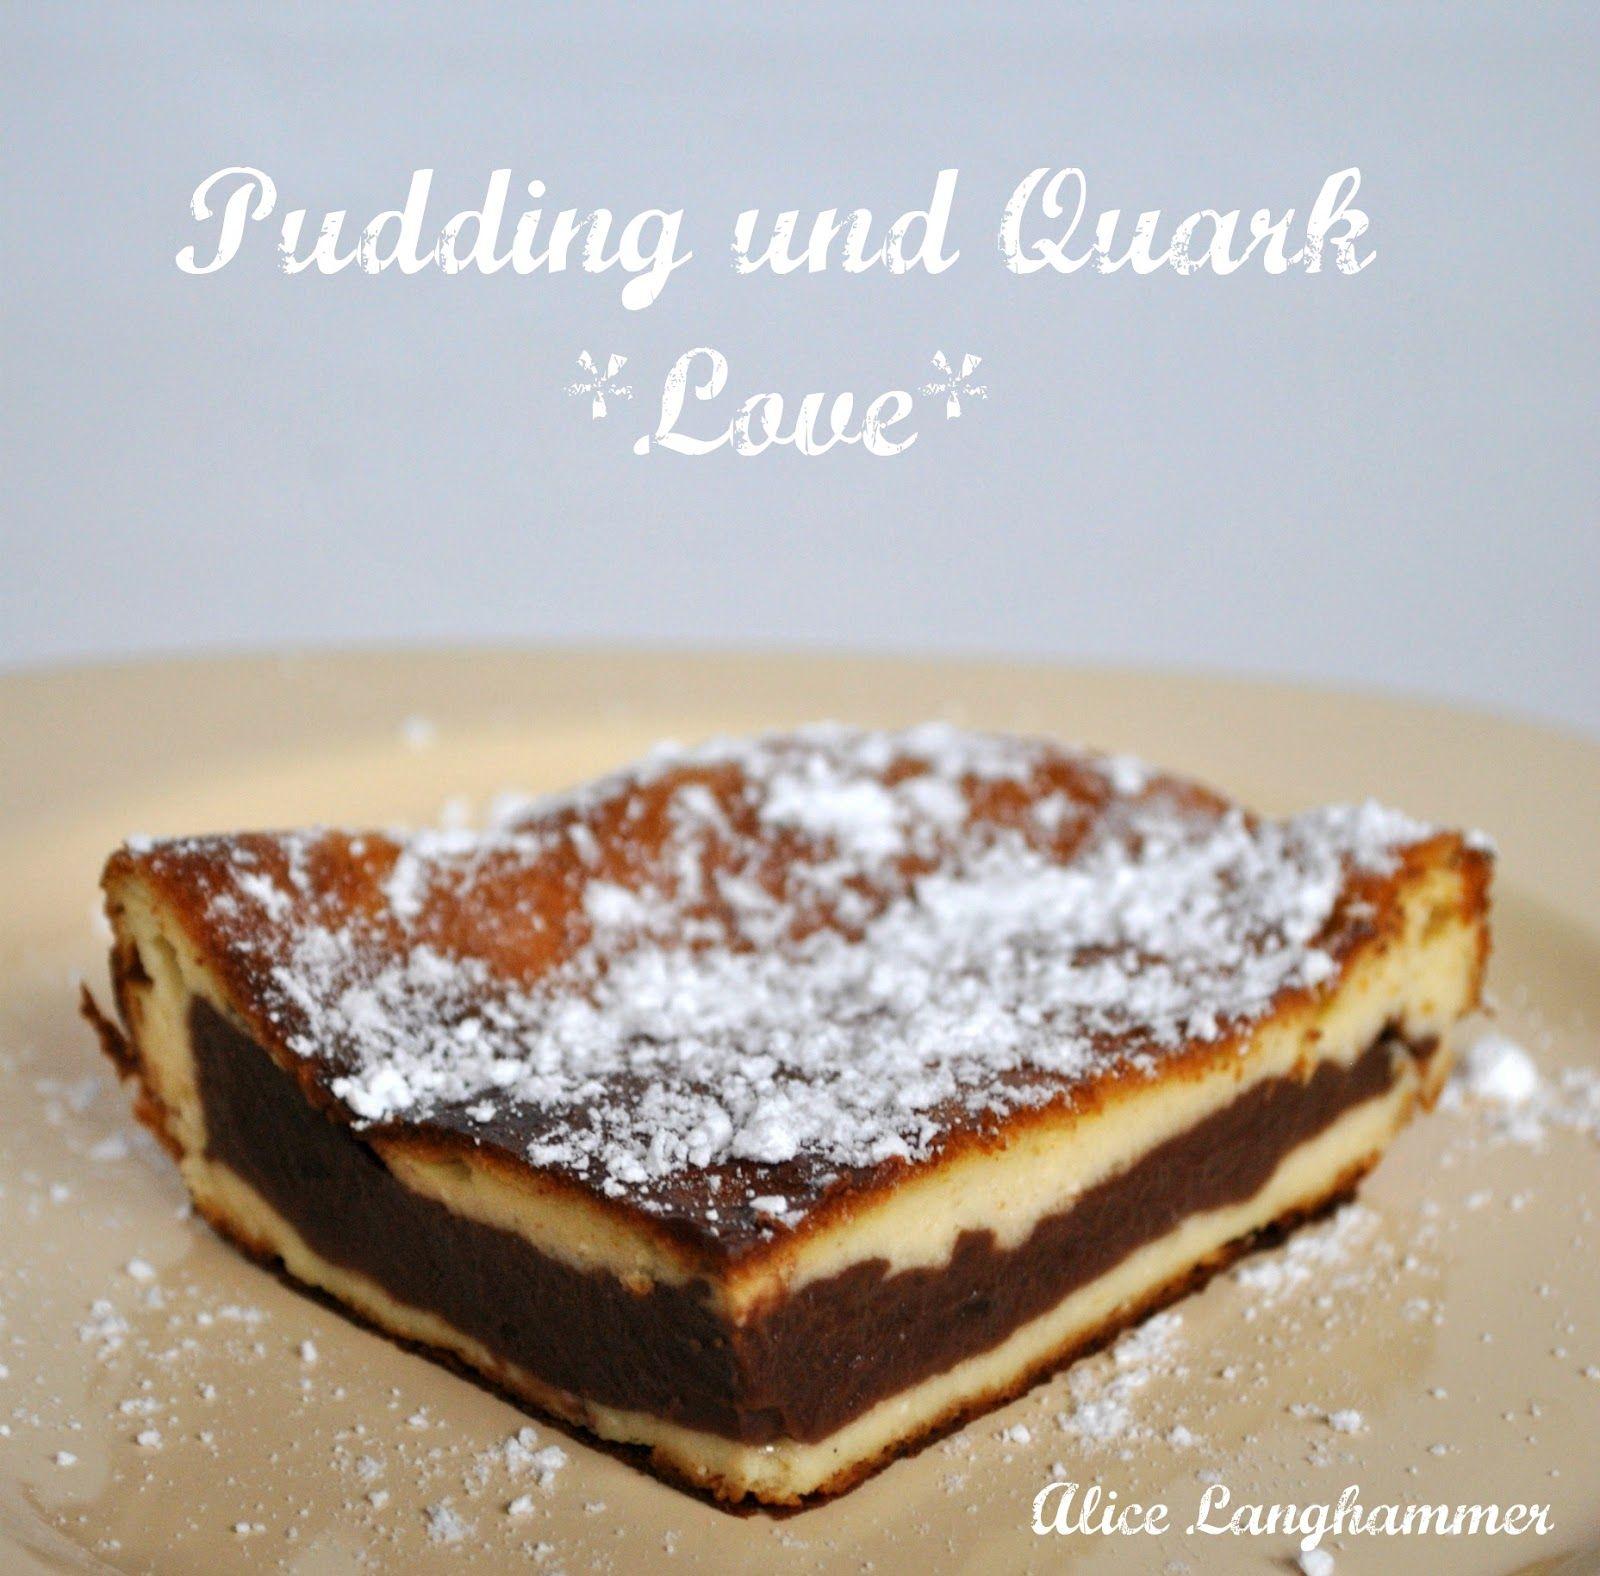 Alice im kulinarischen Wunderland: Eric's Geburtstagskuchen